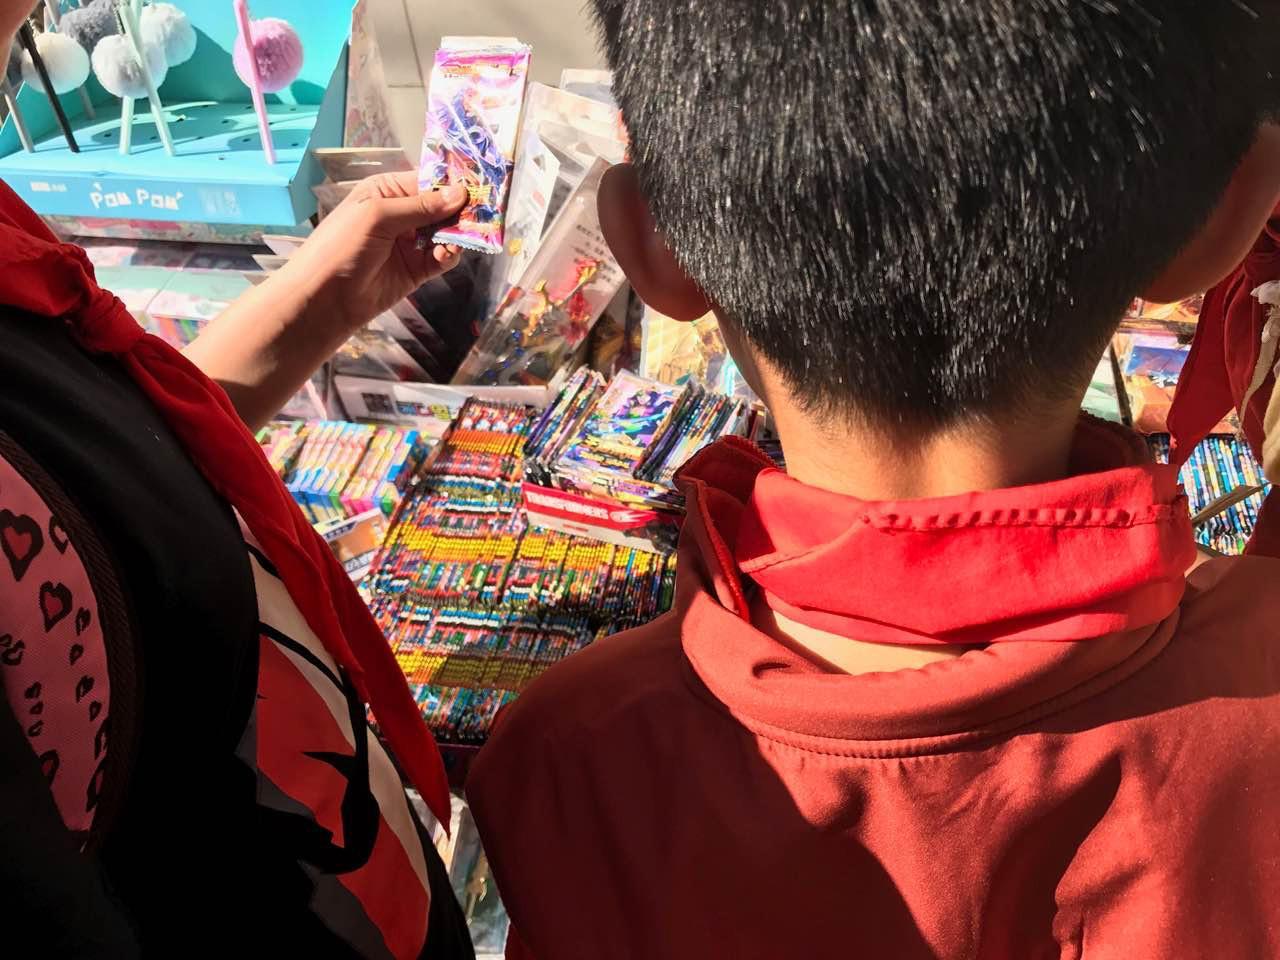 市面惊现《王者荣耀》实体卡牌,一块钱8张!小学生已经玩疯了!